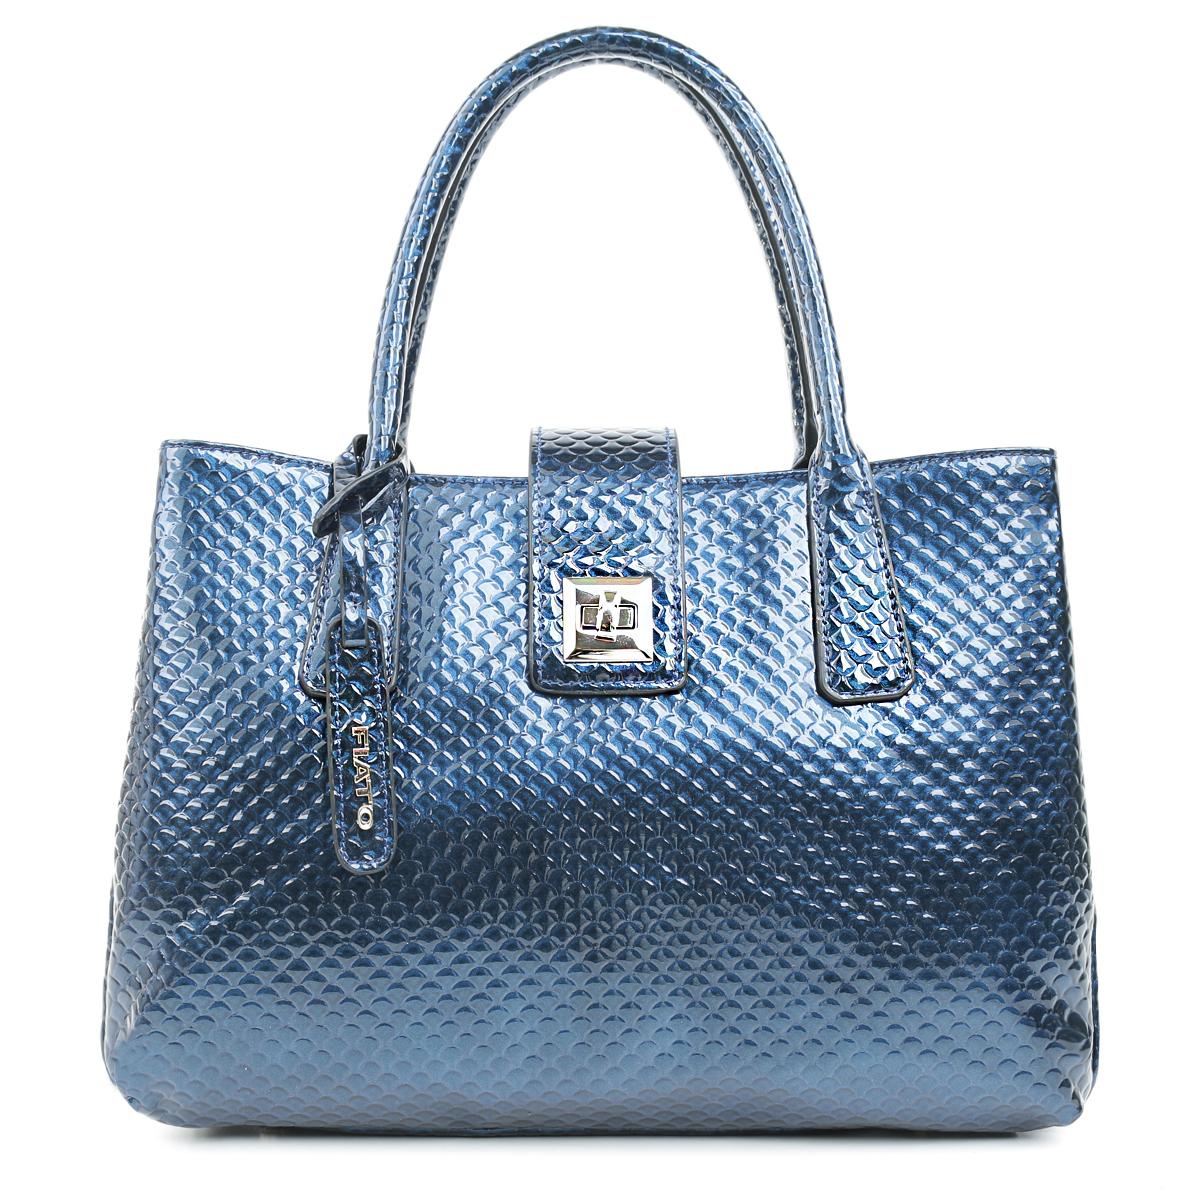 5277 Fiato  анаконда синий  (сумка женская)